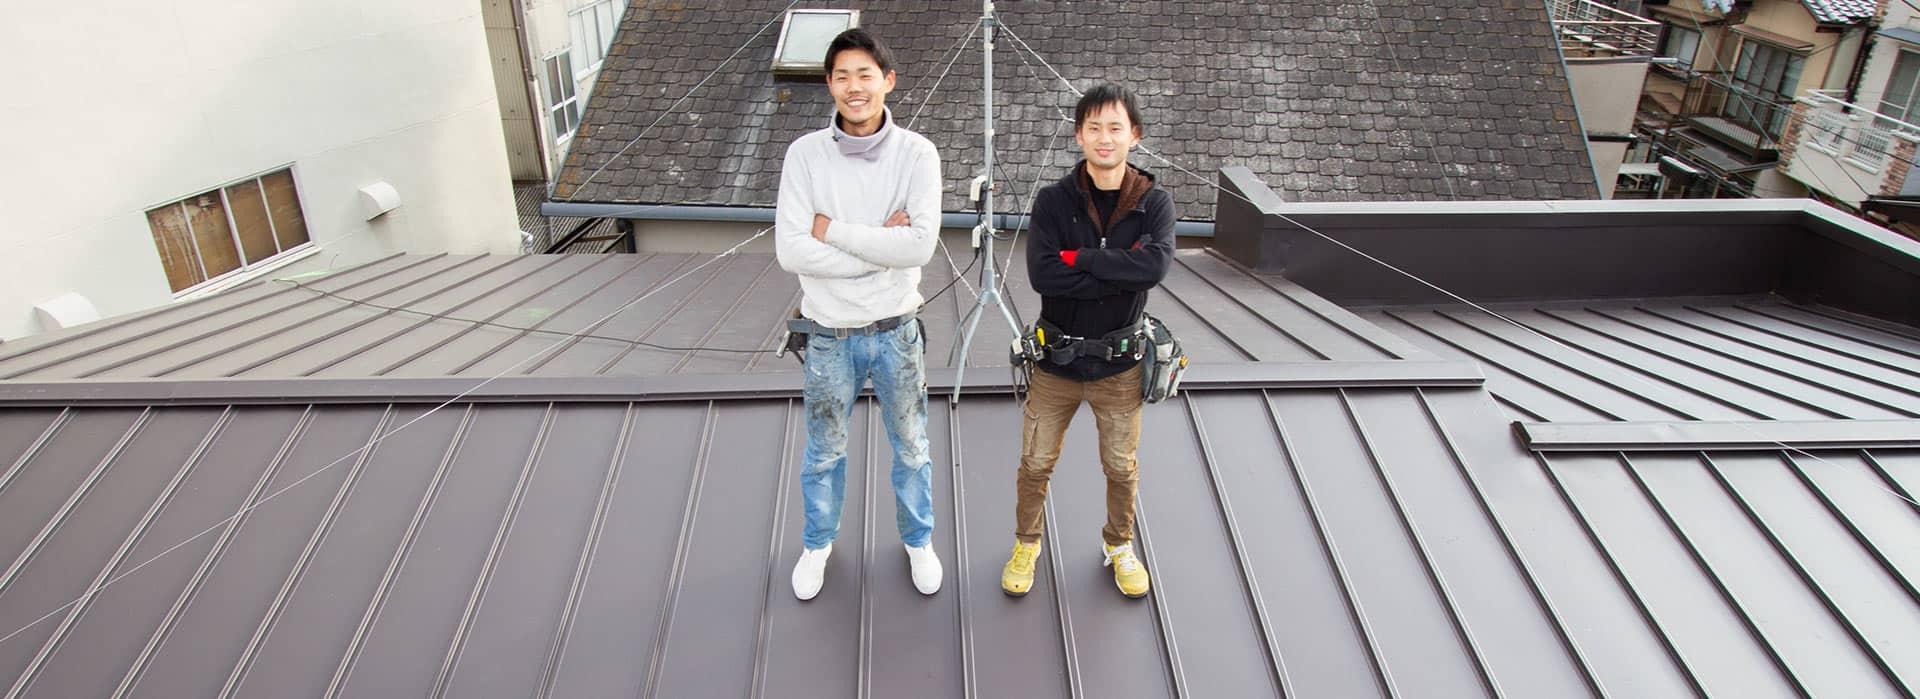 京都での屋根修理・雨漏り修理・ガルテクト施工など、山口板金への問い合わせ